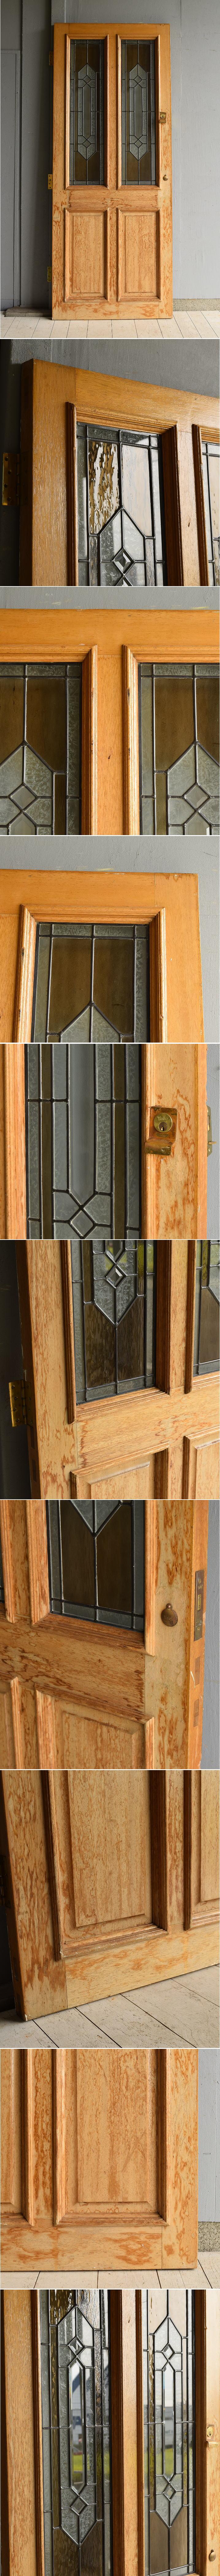 イギリス アンティーク ガラス入り木製ドア 扉 ディスプレイ 建具 7184